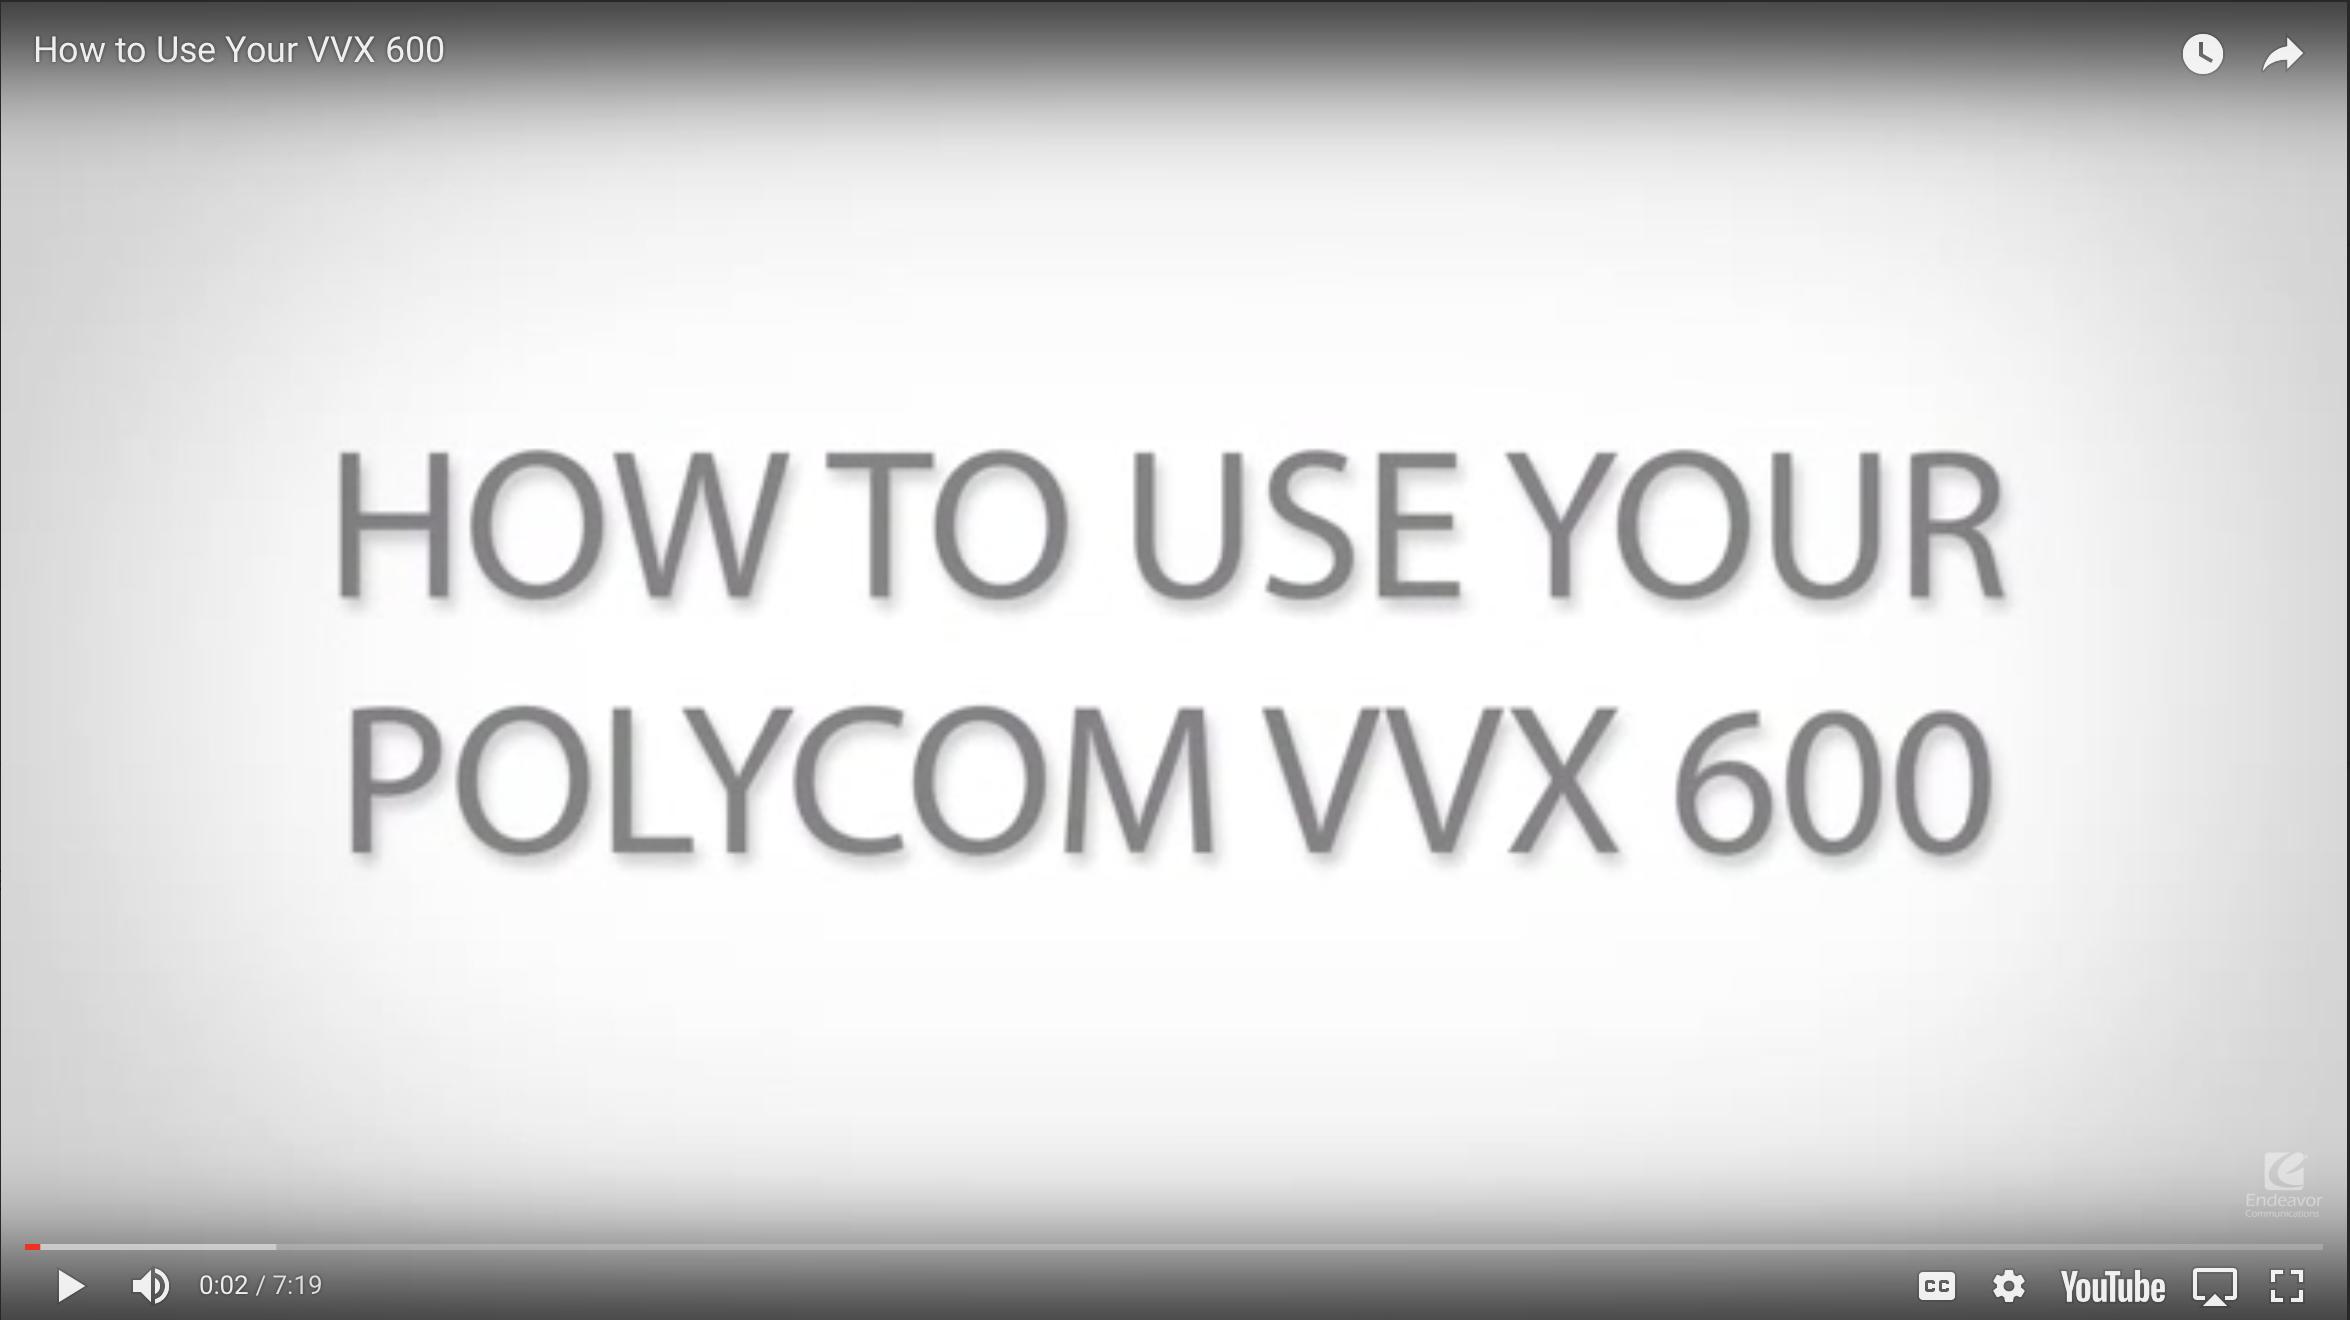 How to use your Polycom VVX 600